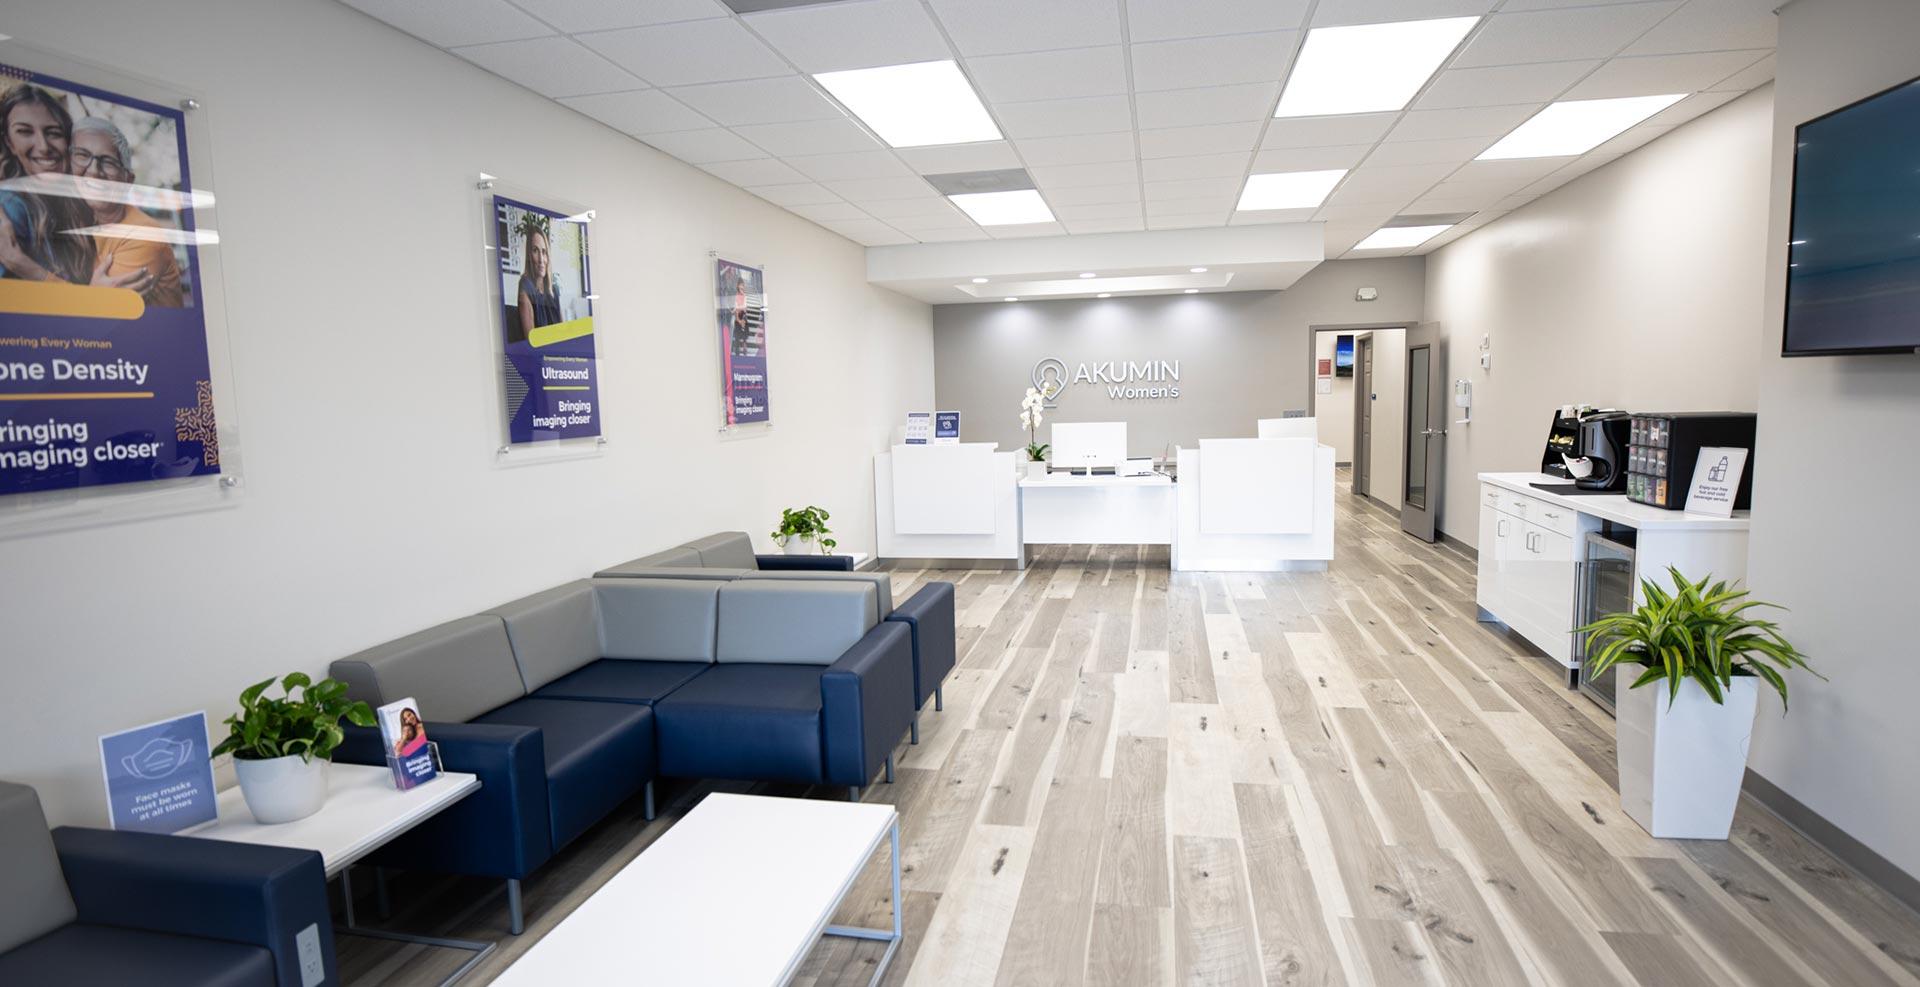 Akumin Women's clinic